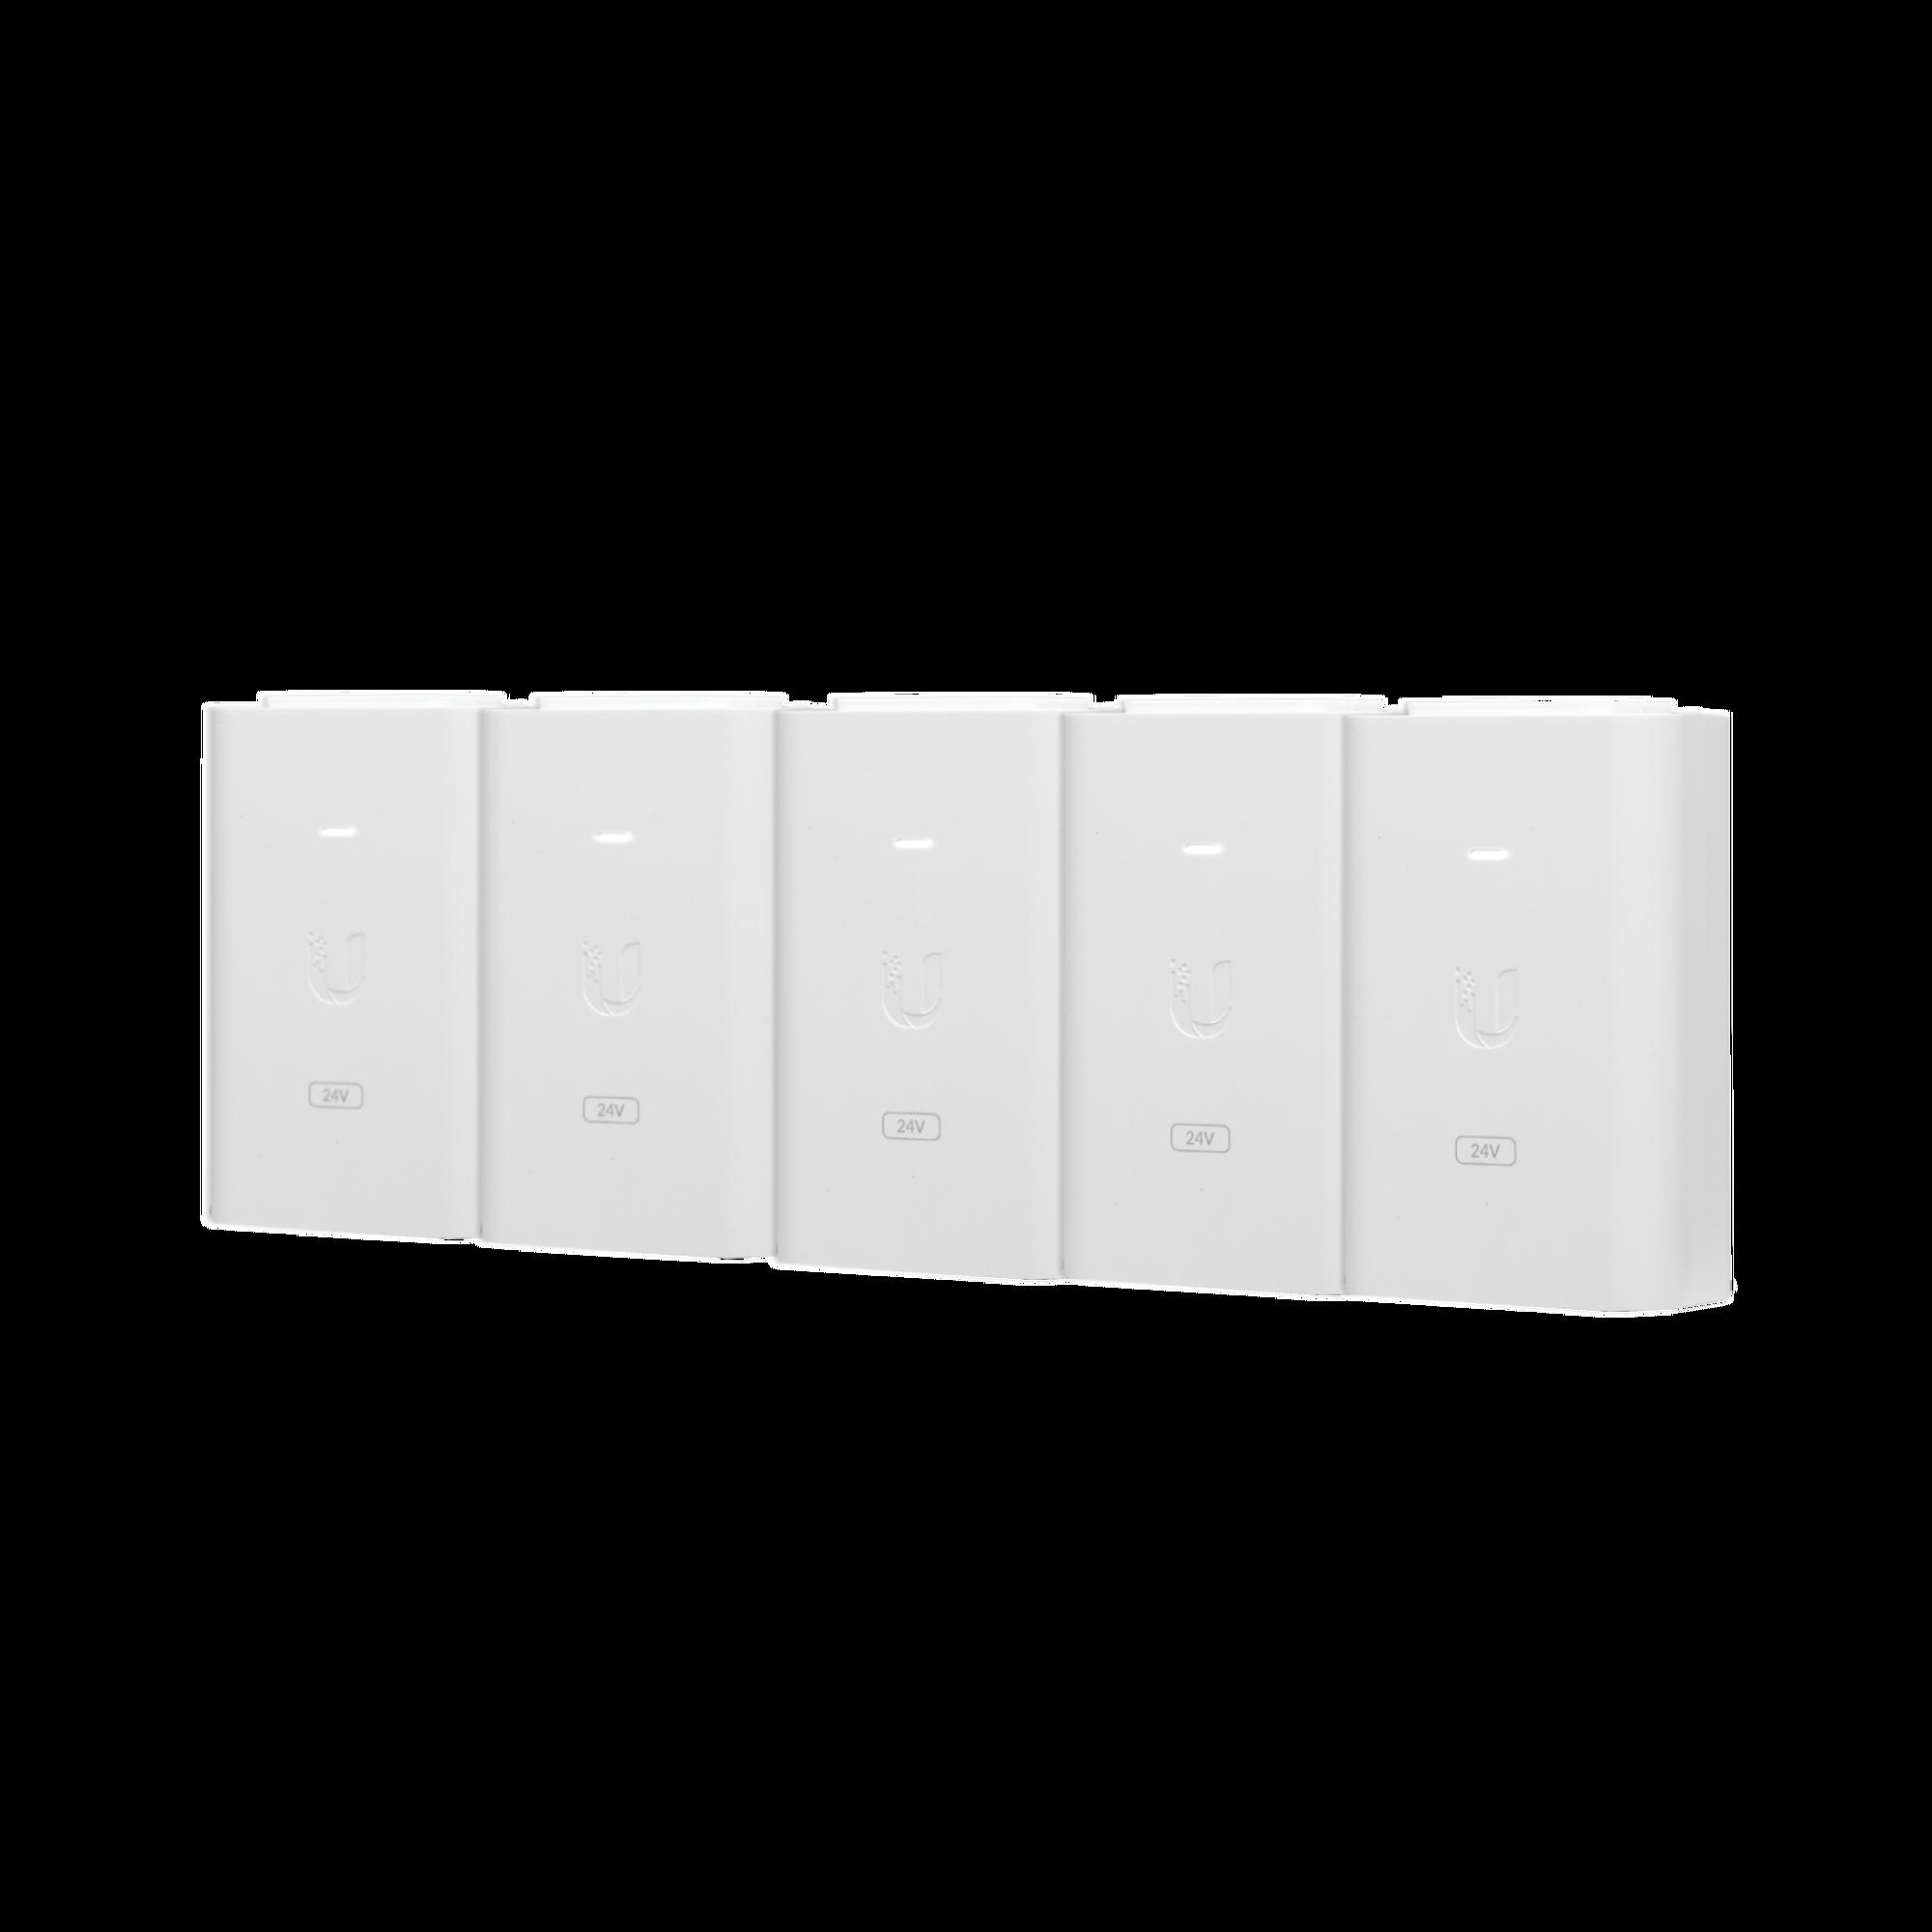 5 Unidades del Adaptador PoE Ubiquiti de 24 VDC, 1.0 A con puerto Gigabit, color blanco